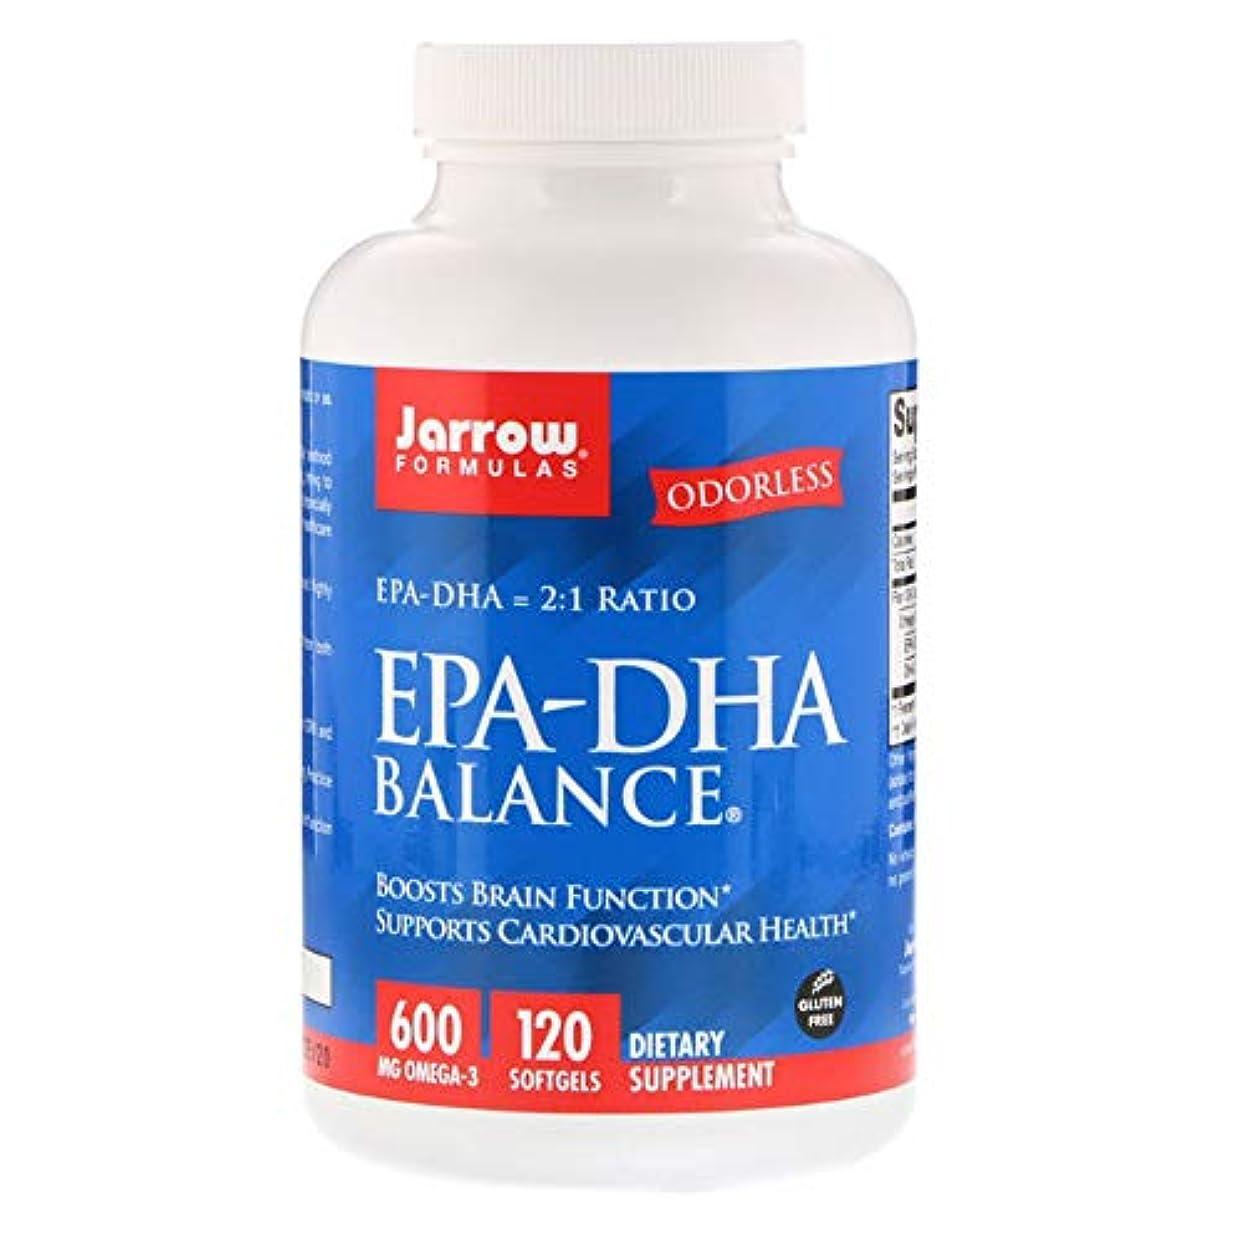 オーナー器官資本Jarrow Formulas EPA DHA Balance ソフトジェル 120粒 【アメリカ直送】